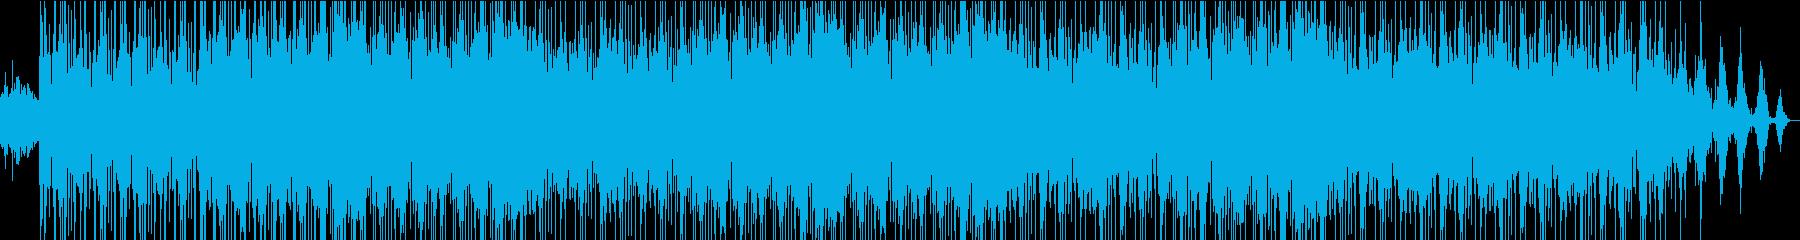 大人なメロウヒップホップトラックの再生済みの波形